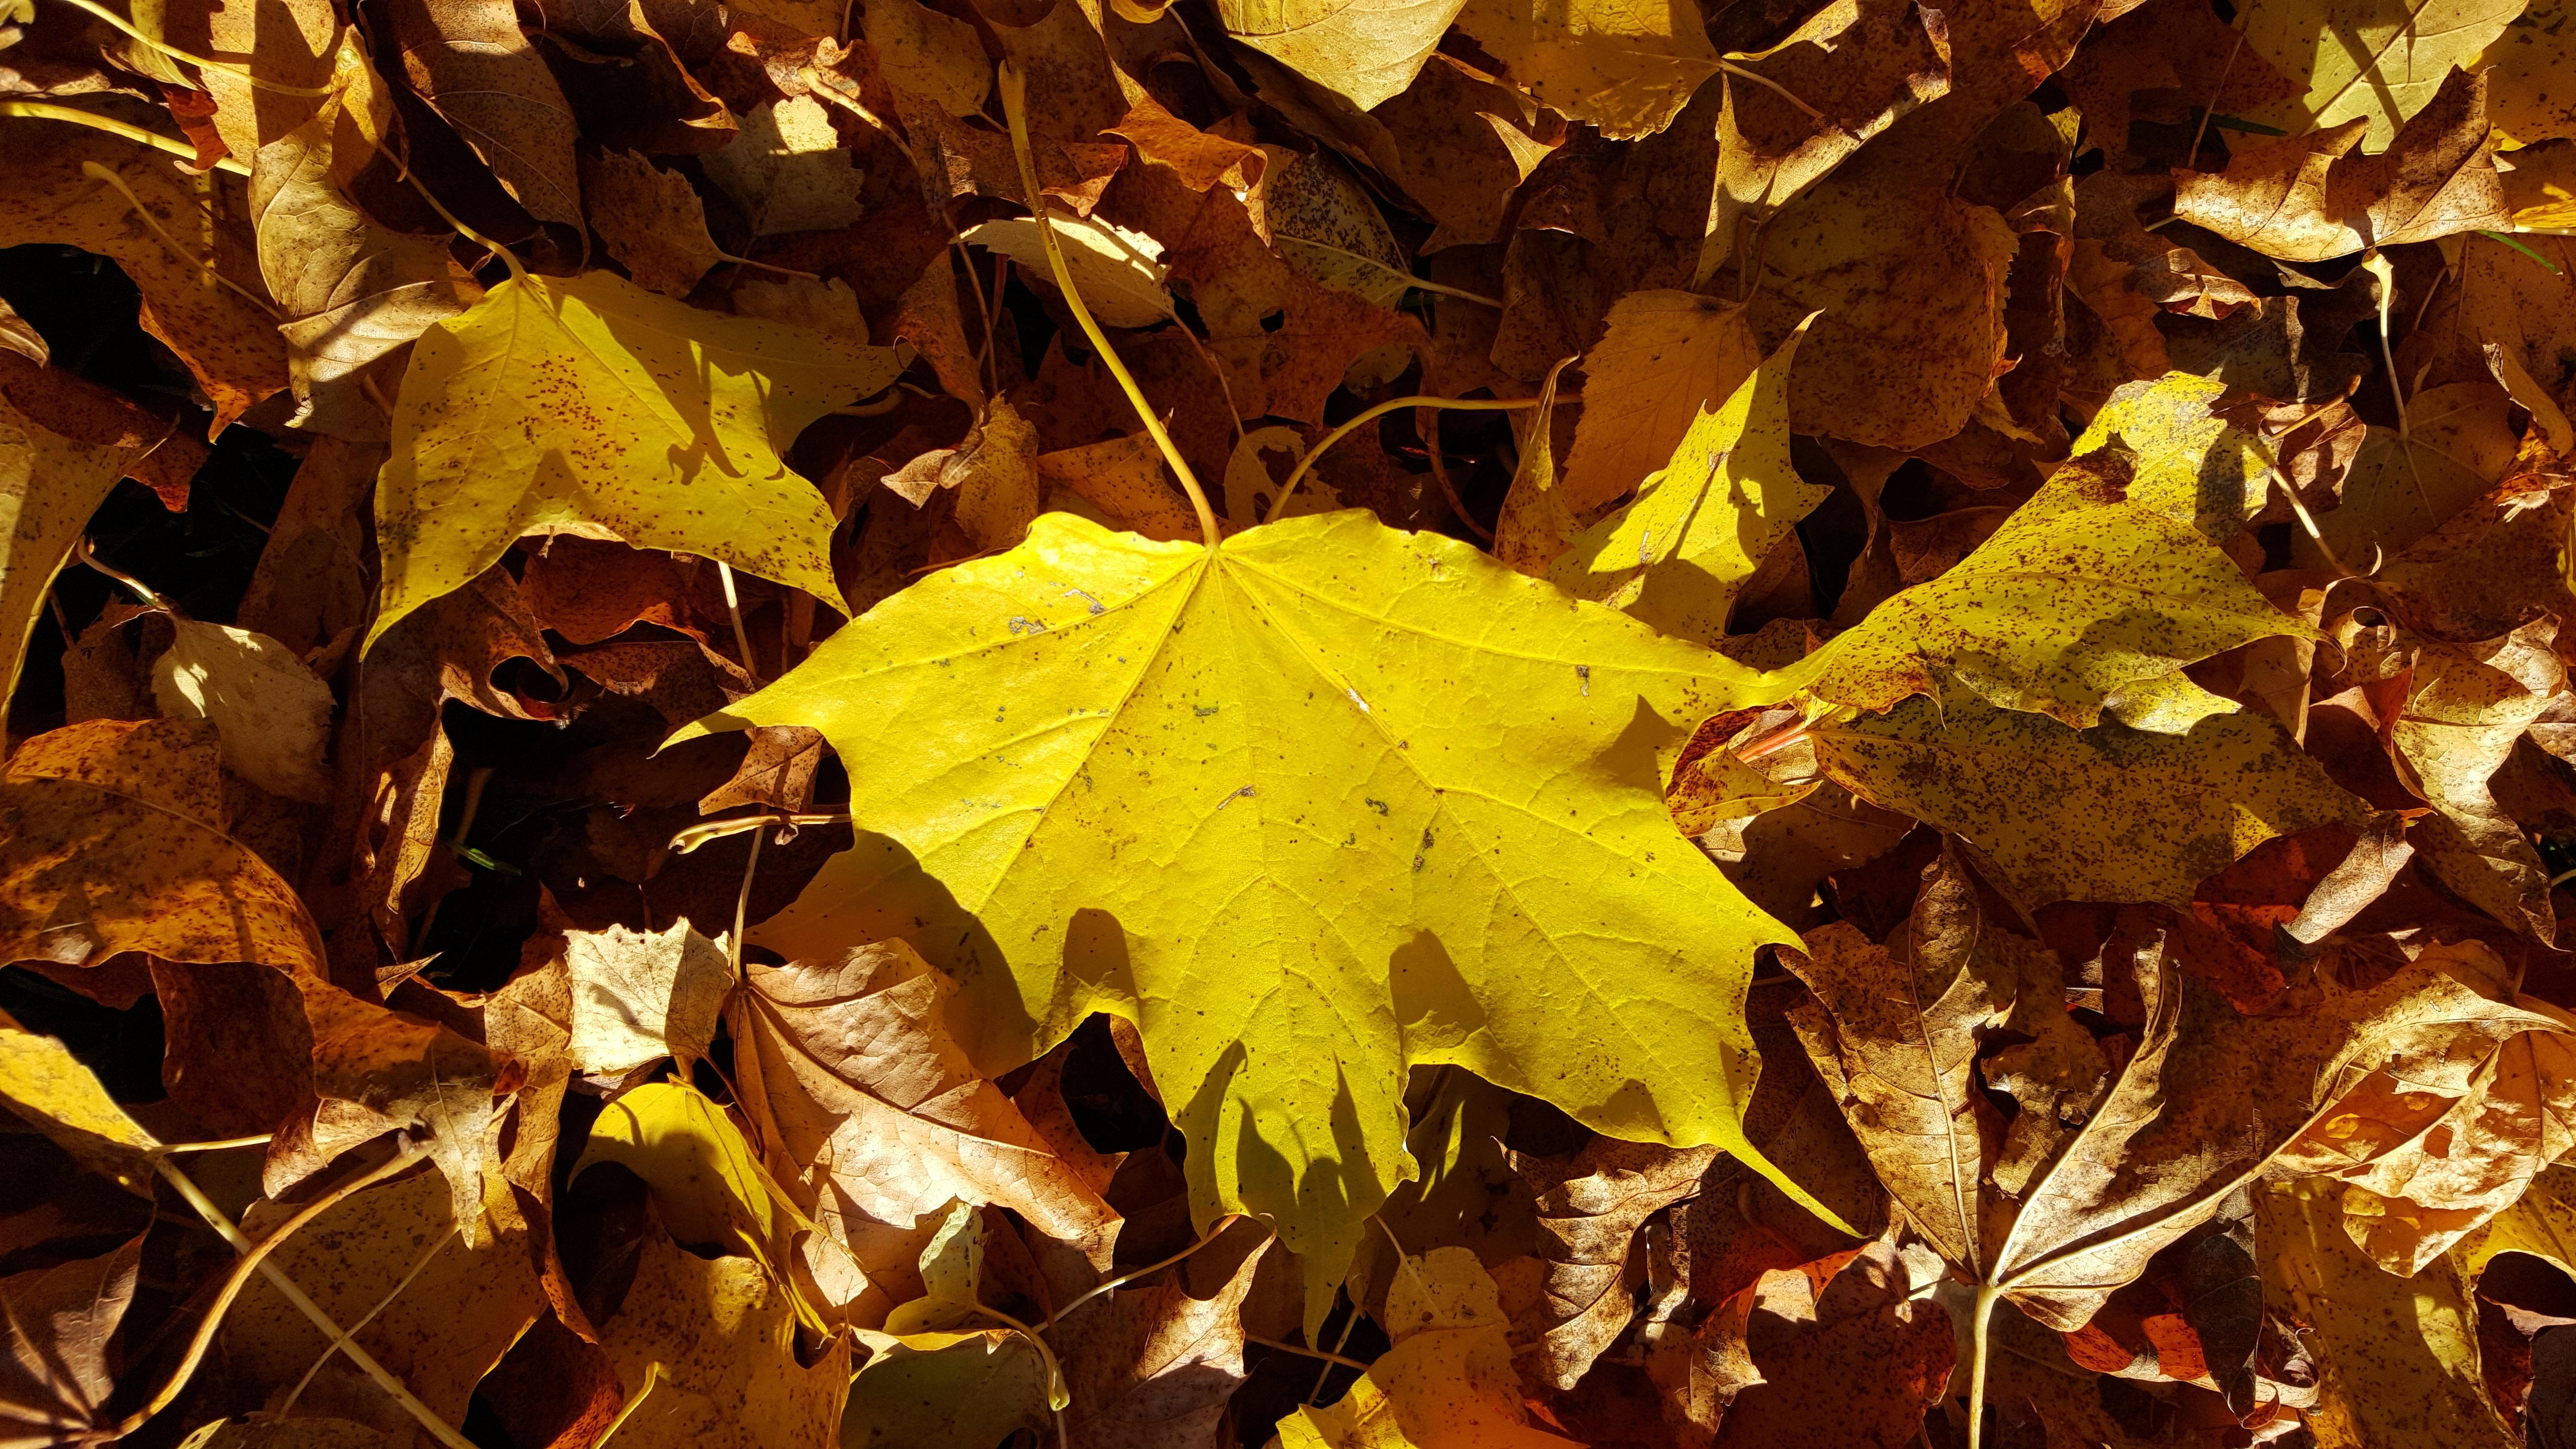 自然褐色_無料画像 : 自然, ブランチ, 工場, 太陽光, 秋, 褐色, 黄, シーズン ...